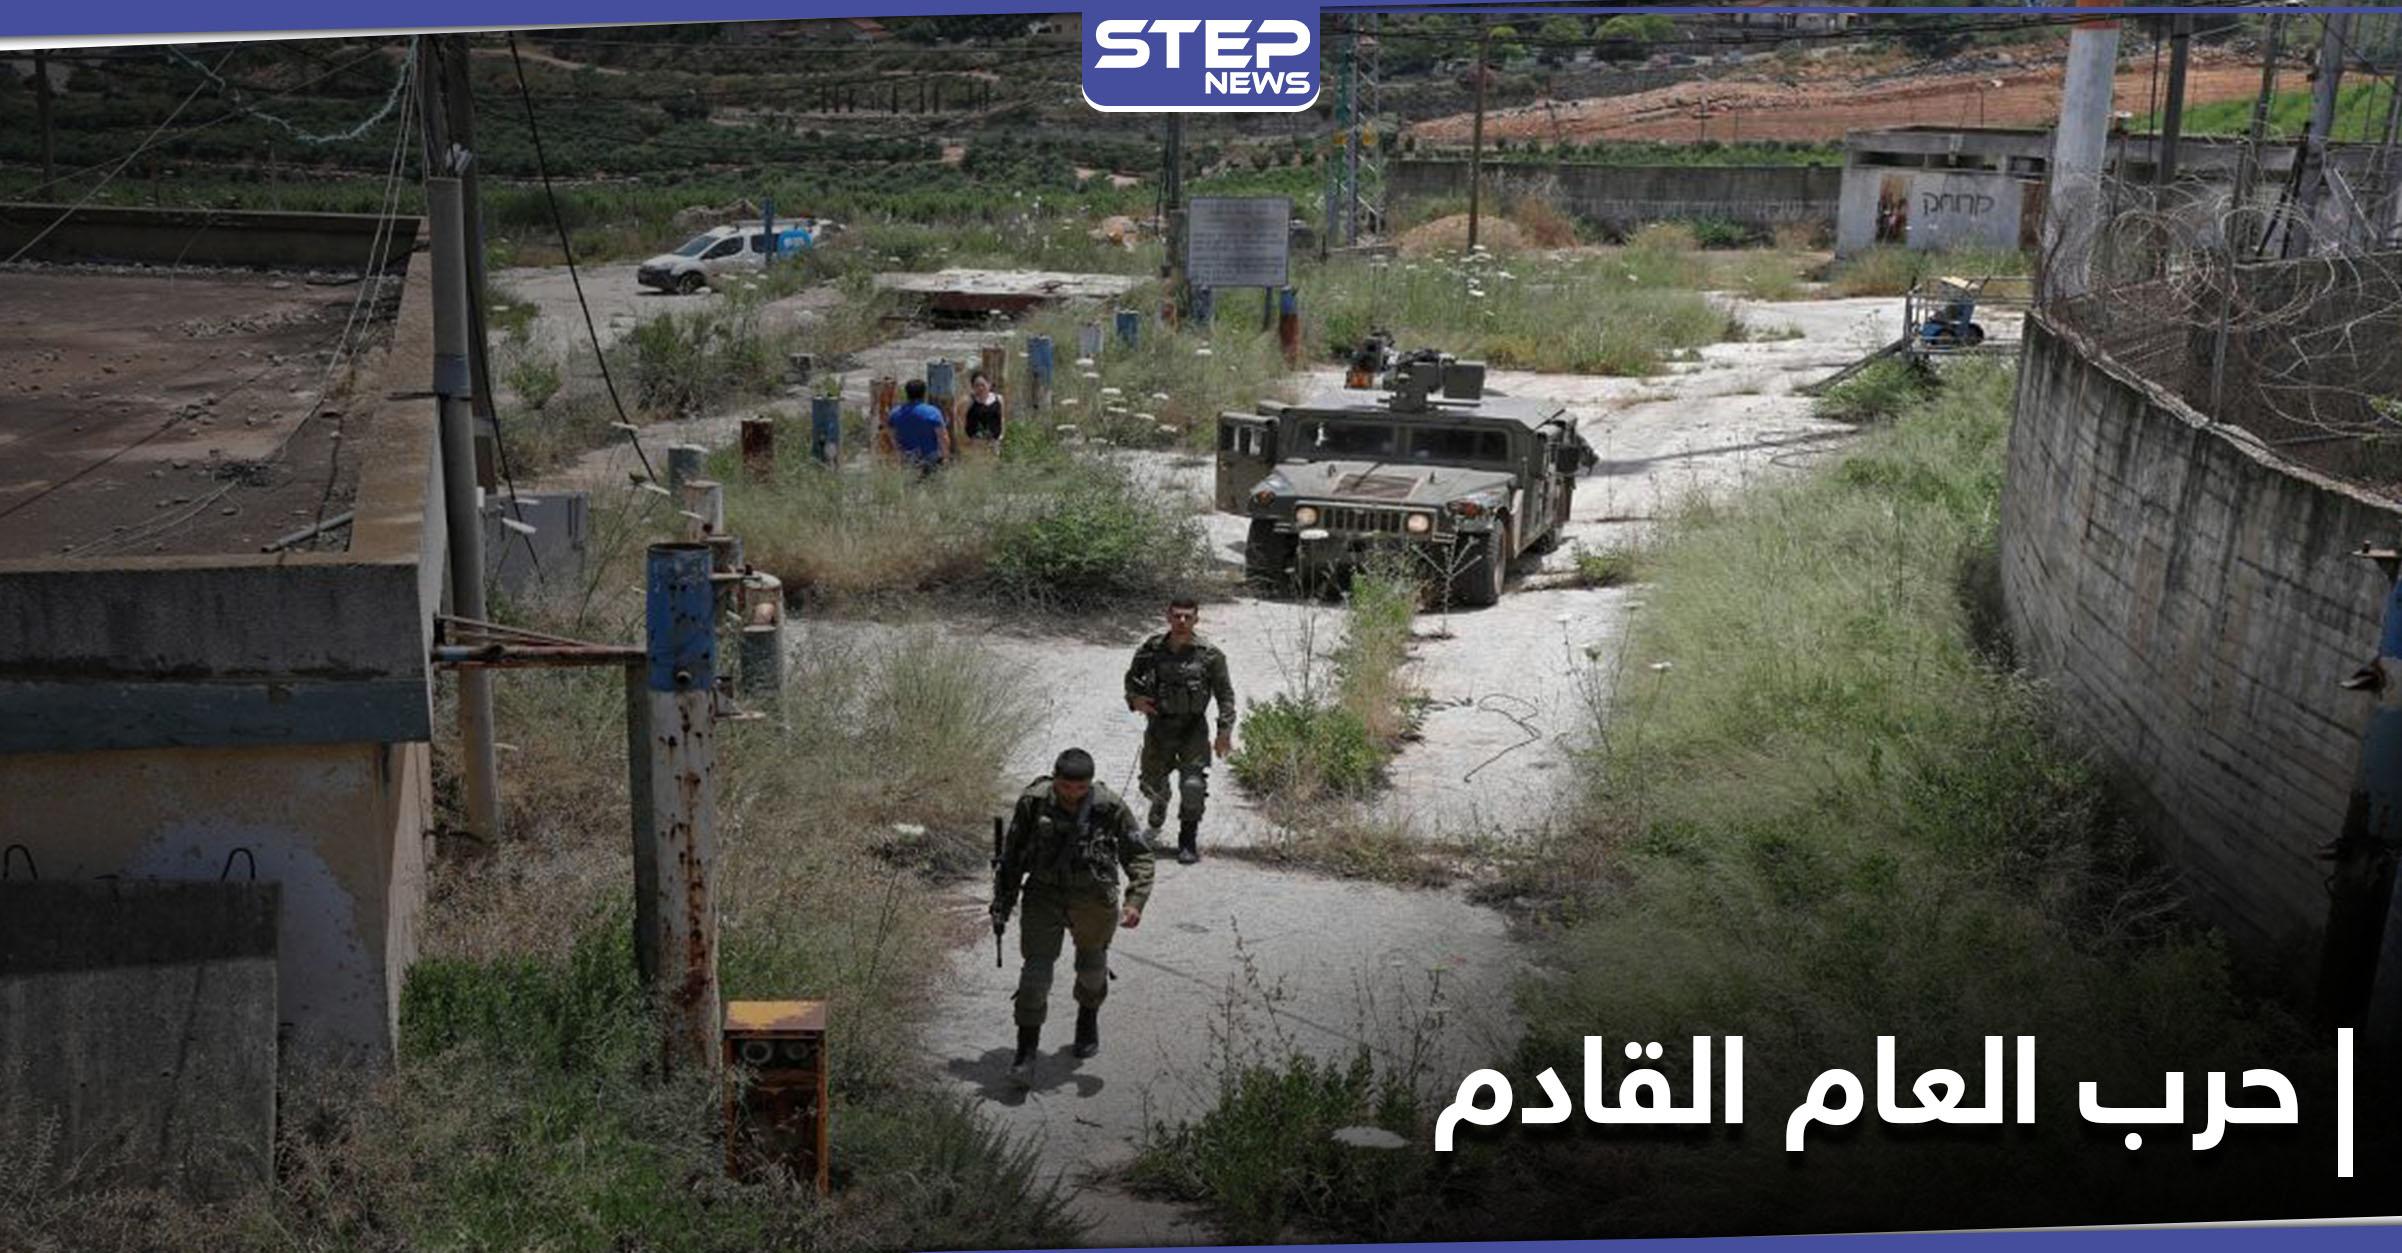 استعدادات لحرب العام القادم والجنوب السوري